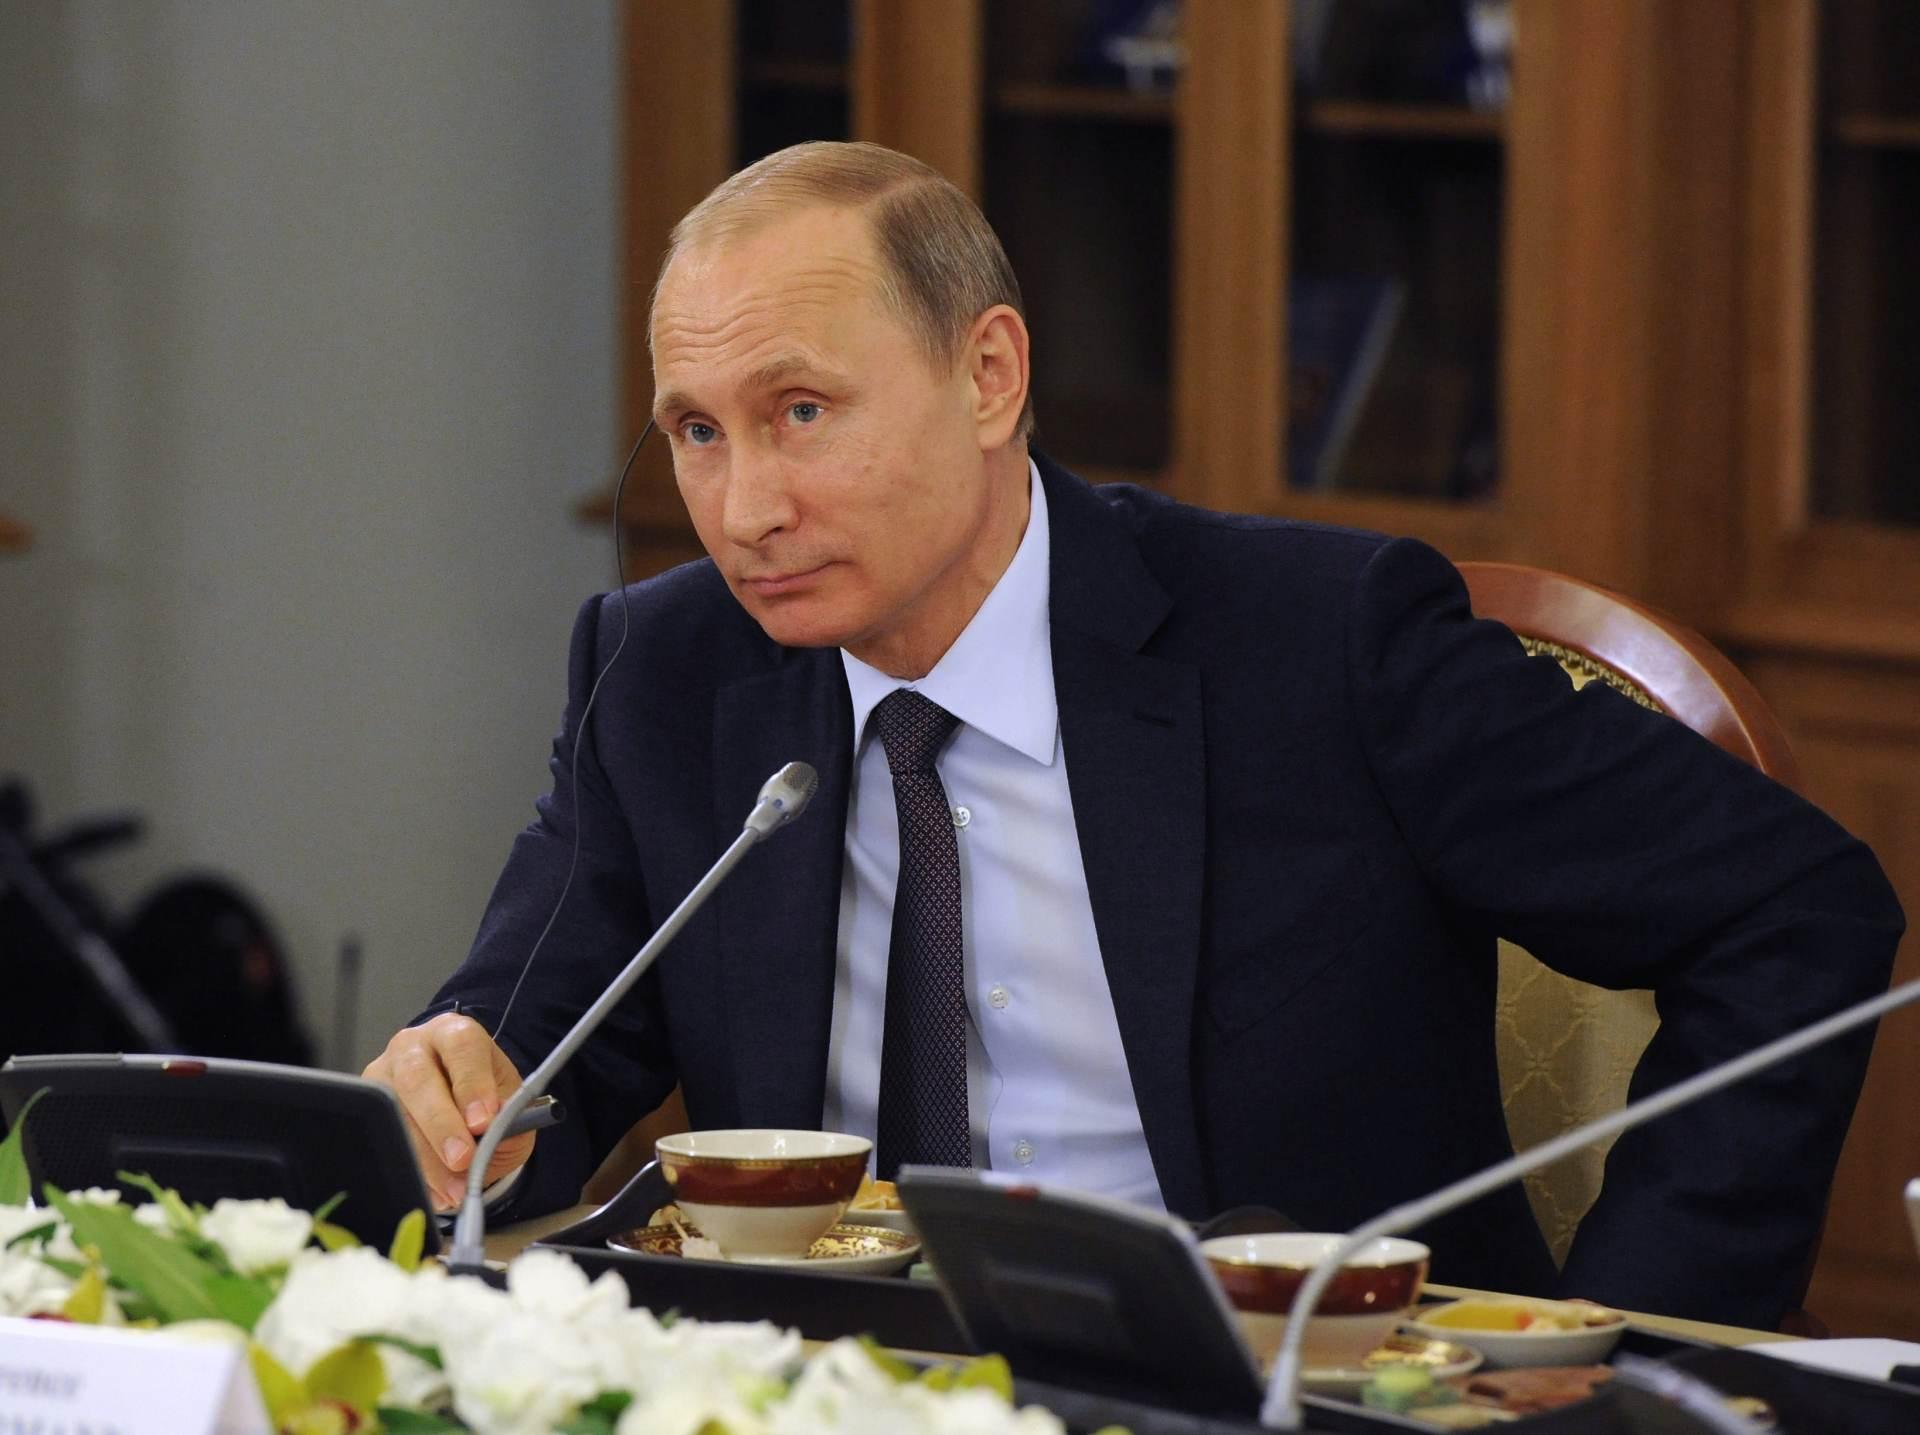 NEMA NAPRETKA: EU produljila sankcije Rusiji na još šest mjeseci